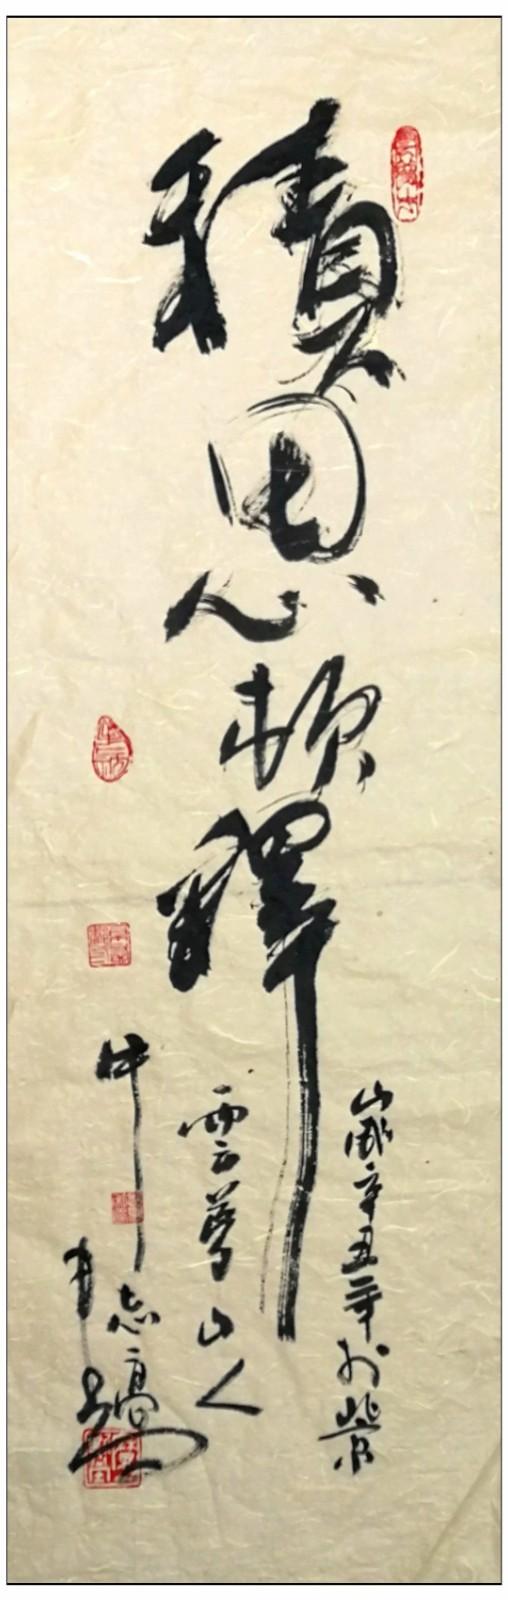 牛志高书法----2021.02.26_图1-3